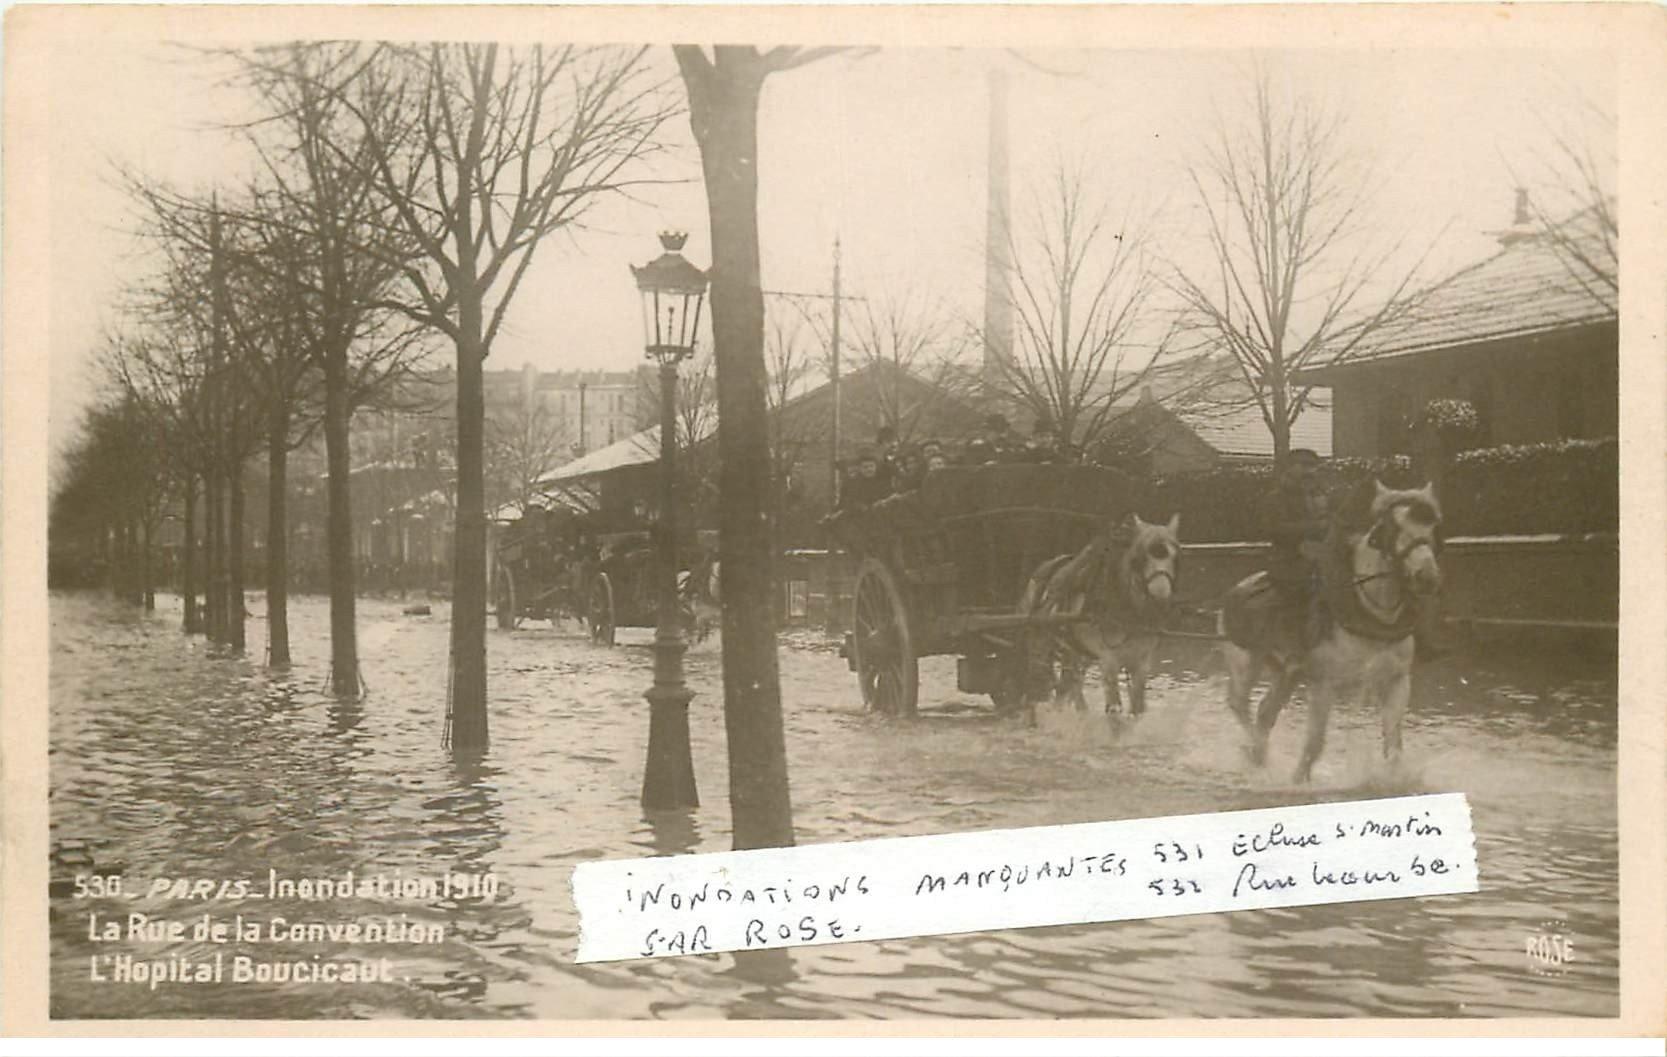 INONDATION DE PARIS 1910. Hôpital Boucicaut Rue de la Convention attelages